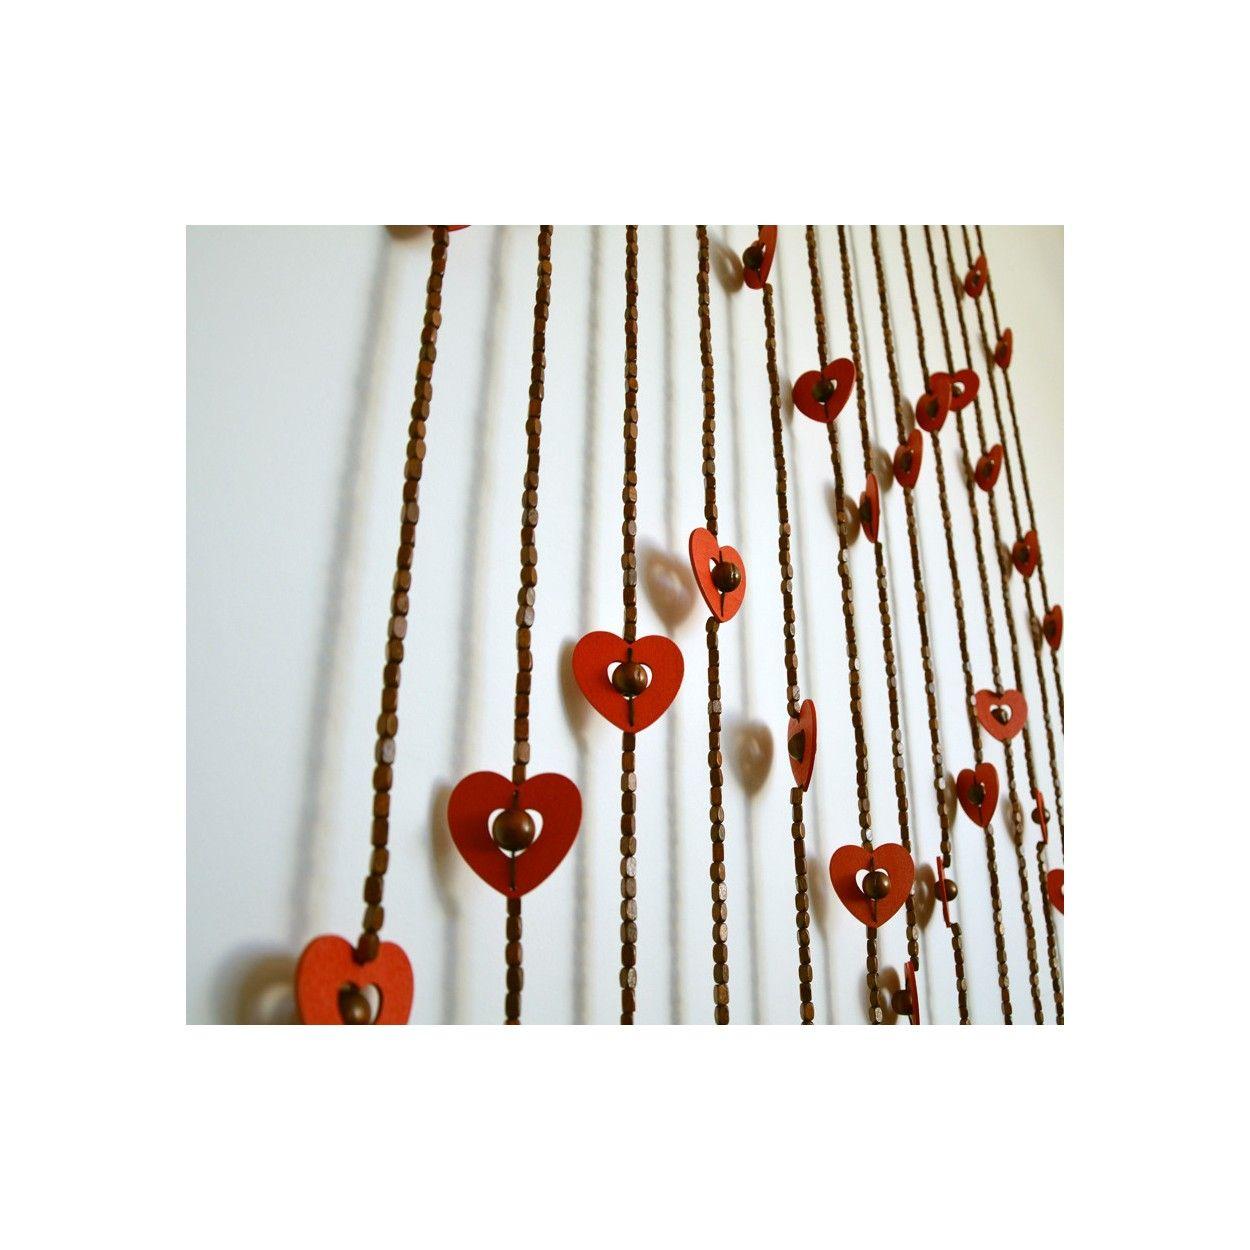 Cortina para puerta corazones madera natural dise o for Cortinas de madera para puertas